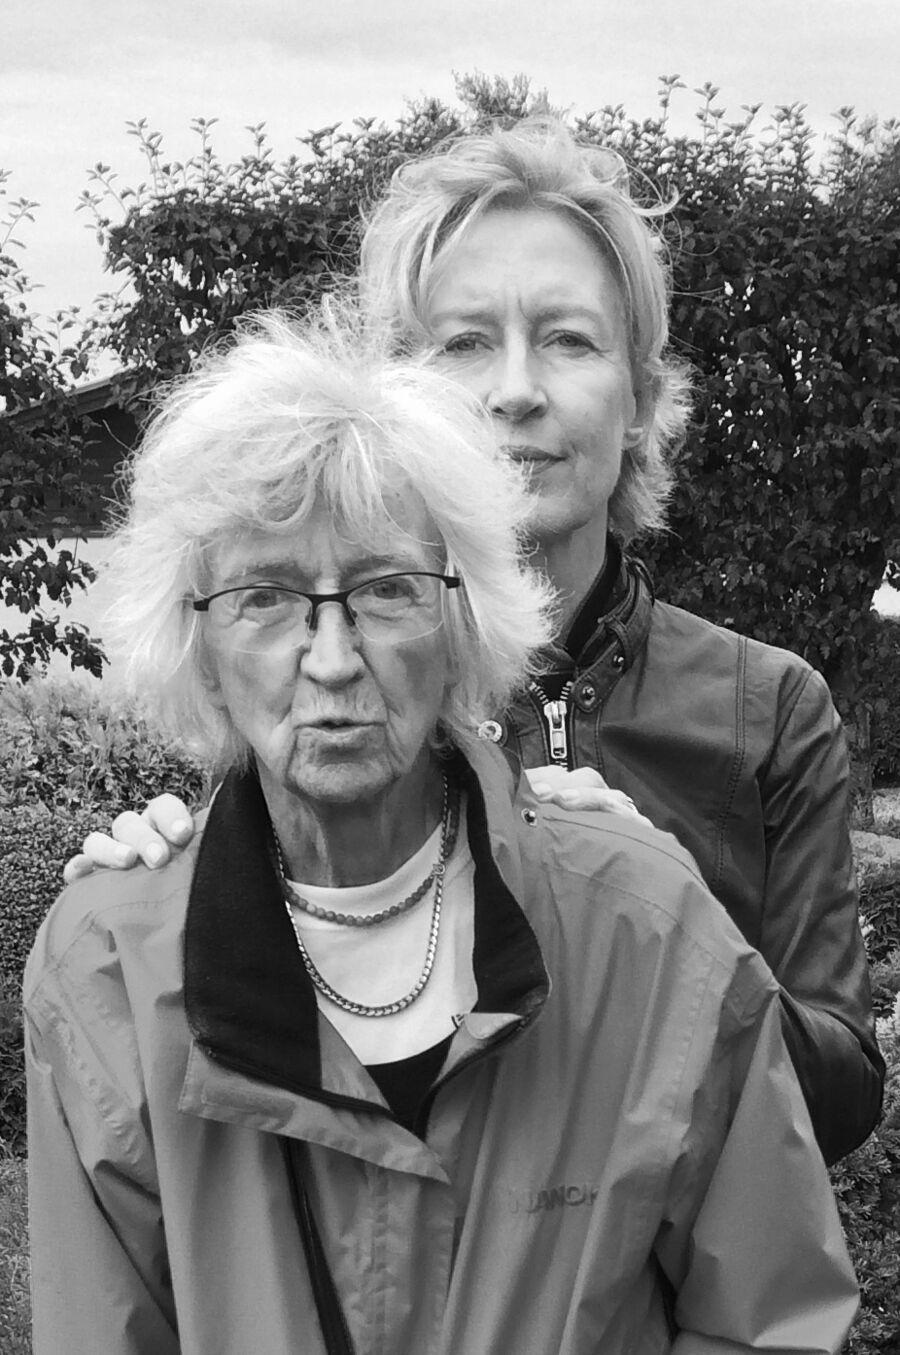 Hør om demens, når Ina Kjøgx Pedersen fortæller sin personlige beretning om sygdommen som pårørende